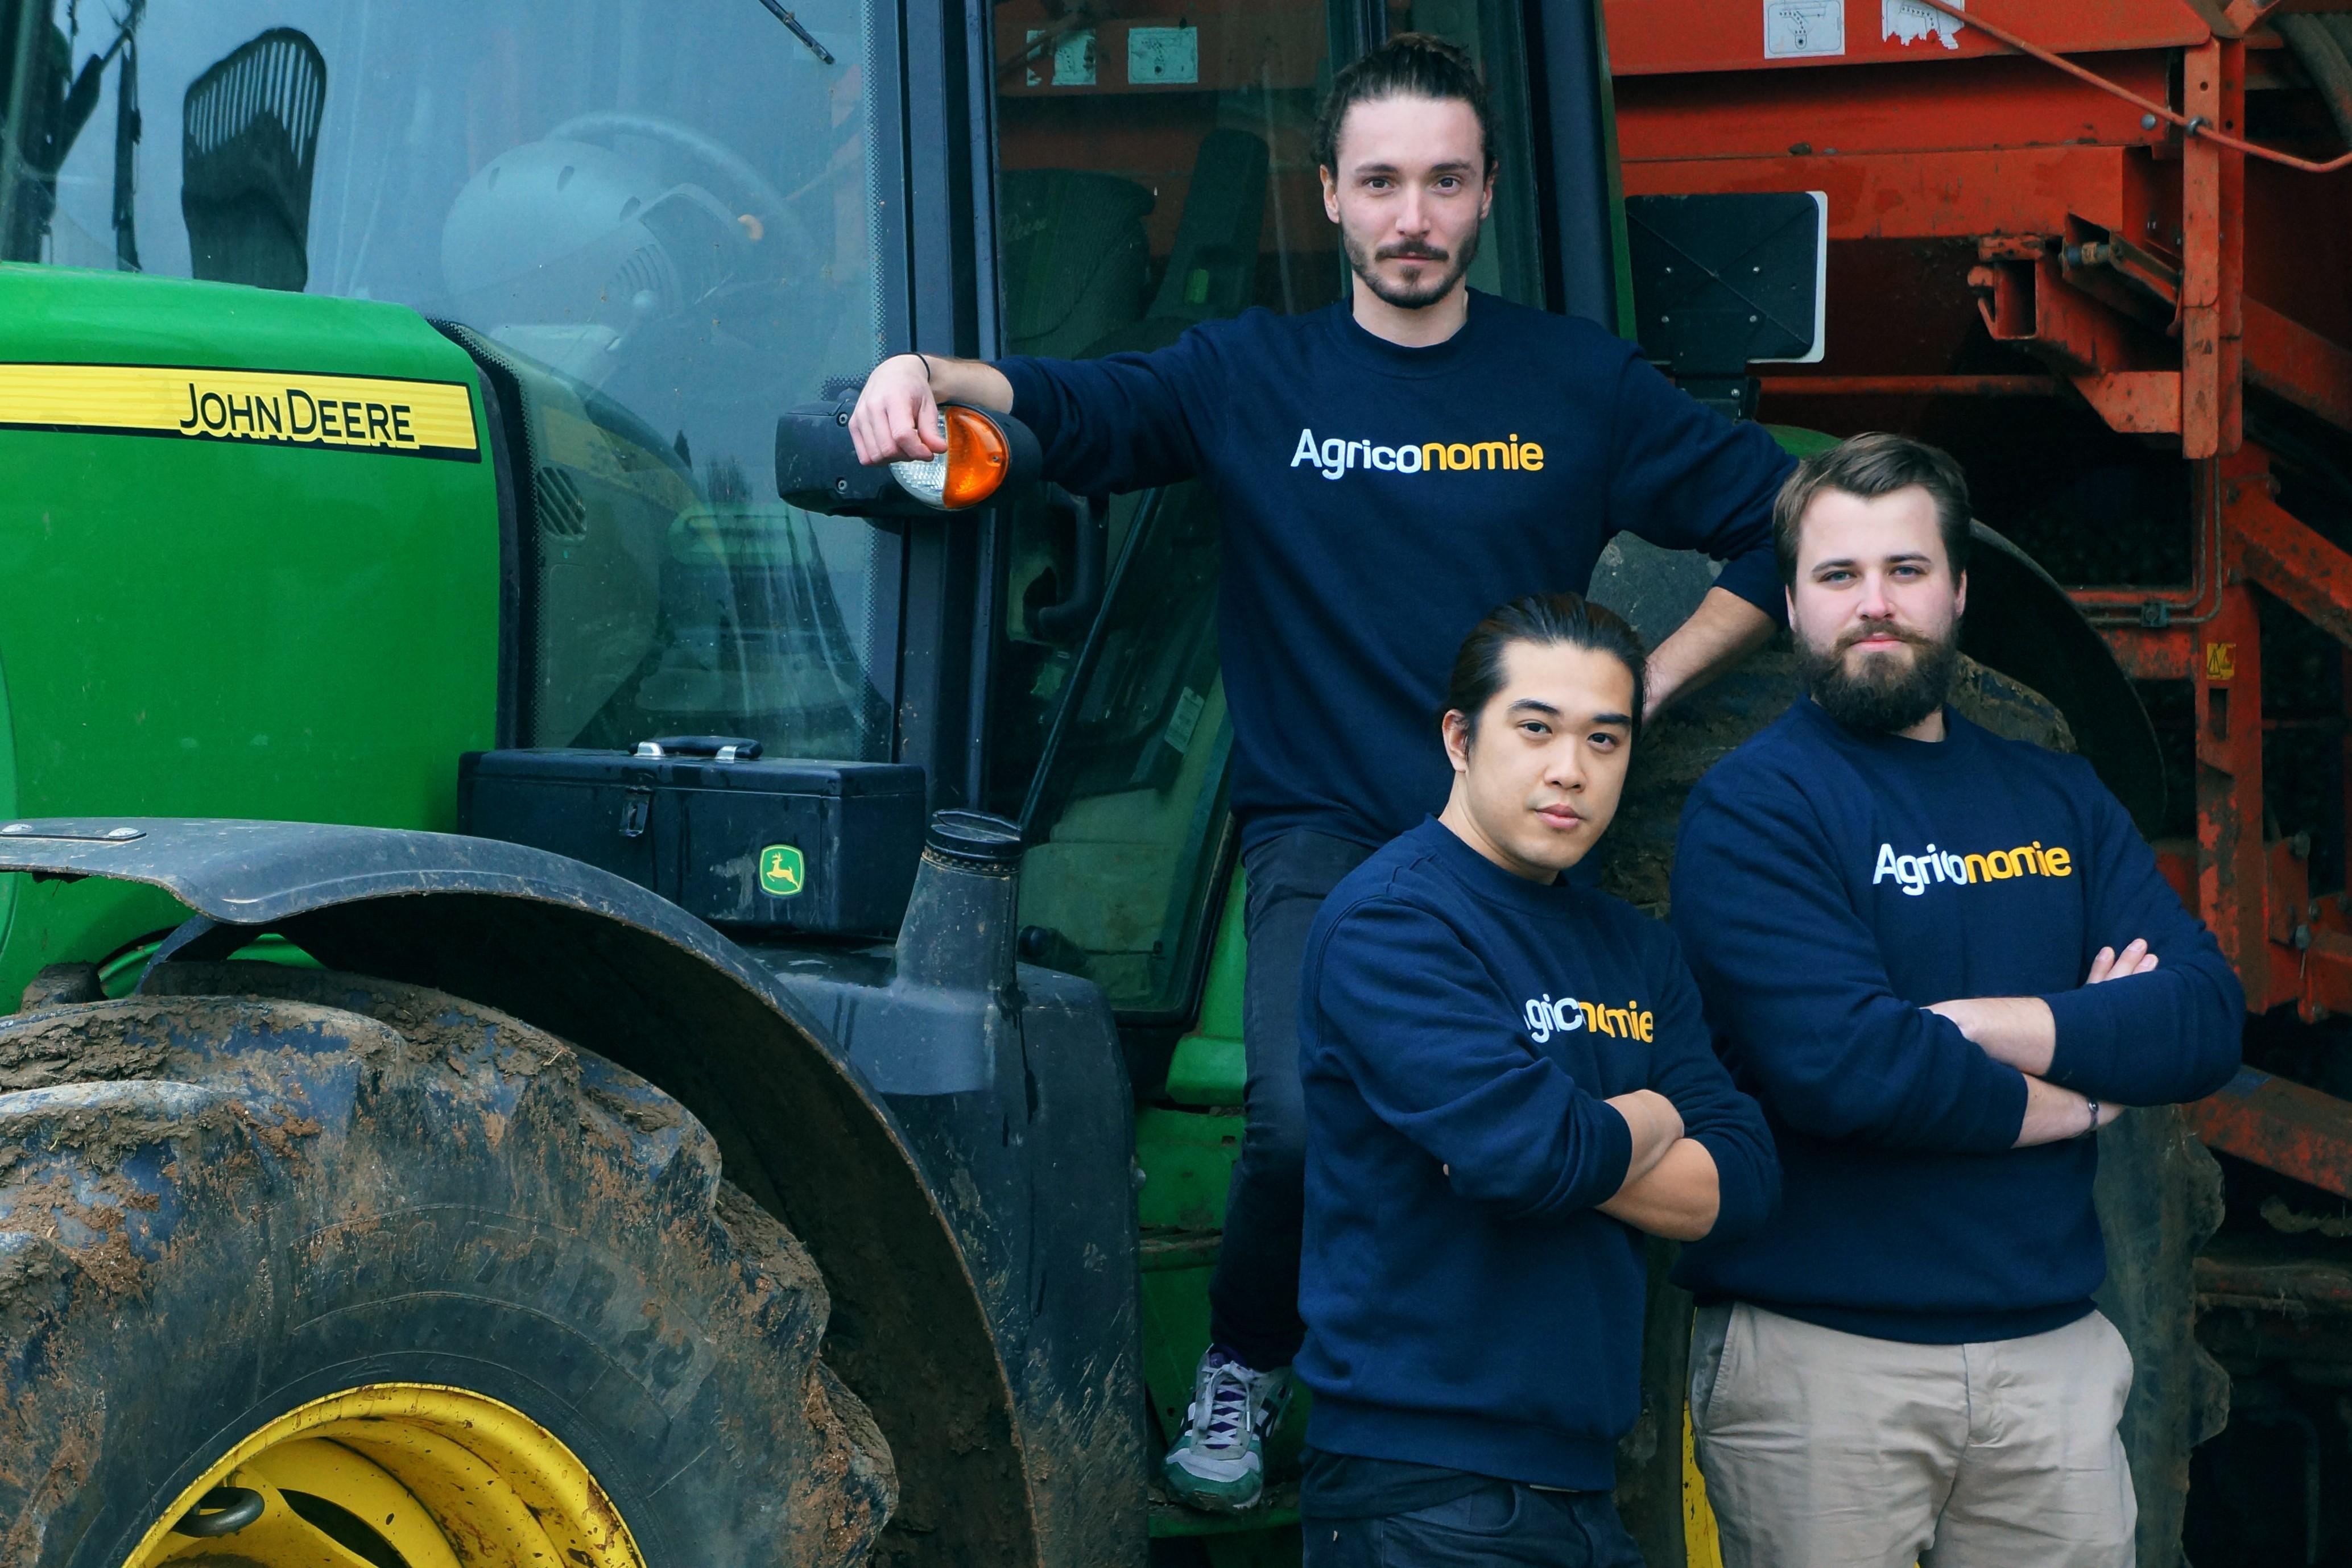 Grâce à l'intelligence artificielle, Agriconomie permet aux agriculteurs de comparer et d'optimiser les rendements de leurs récoltes